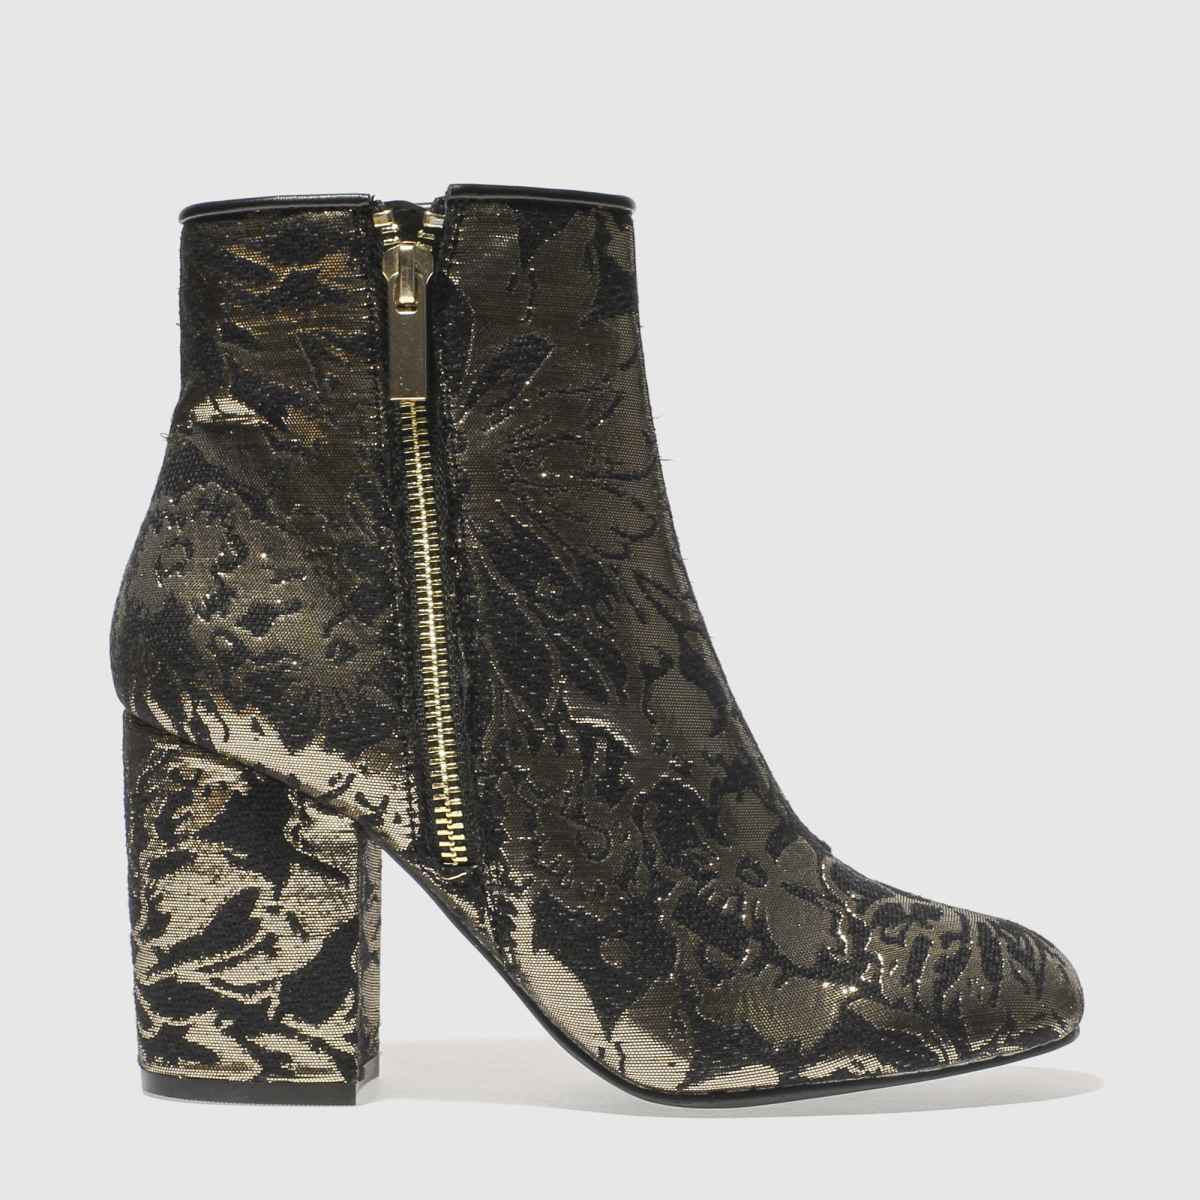 Schuh Black & Gold Premier Boots